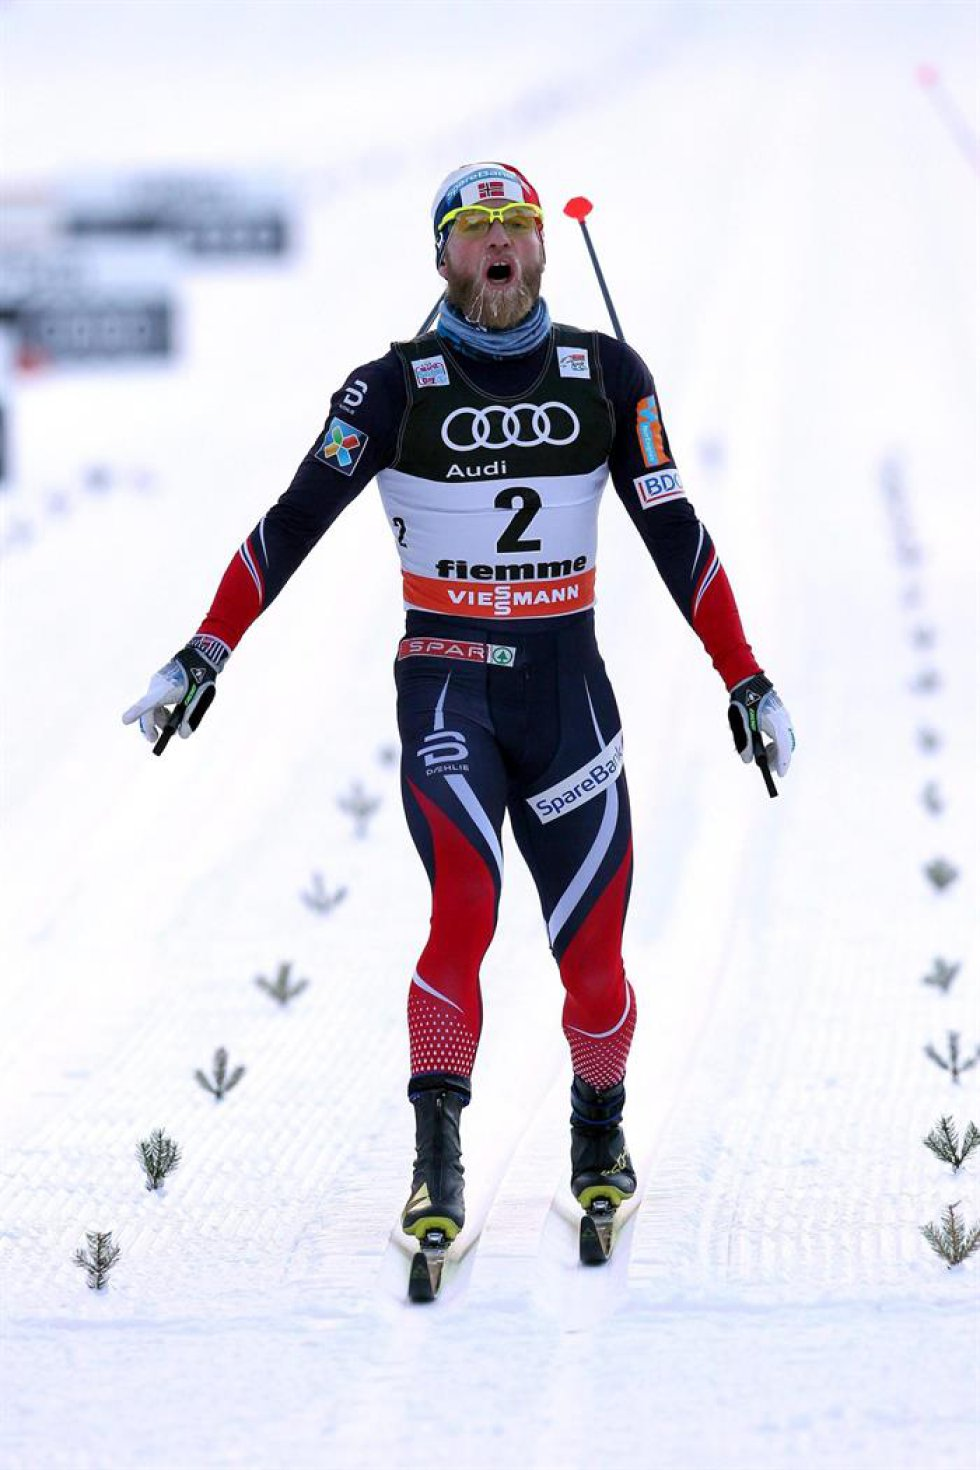 Los deportes de invierno se tomaron Europa con torneos en Suiza, Finlandia, Italia y Eslovenia